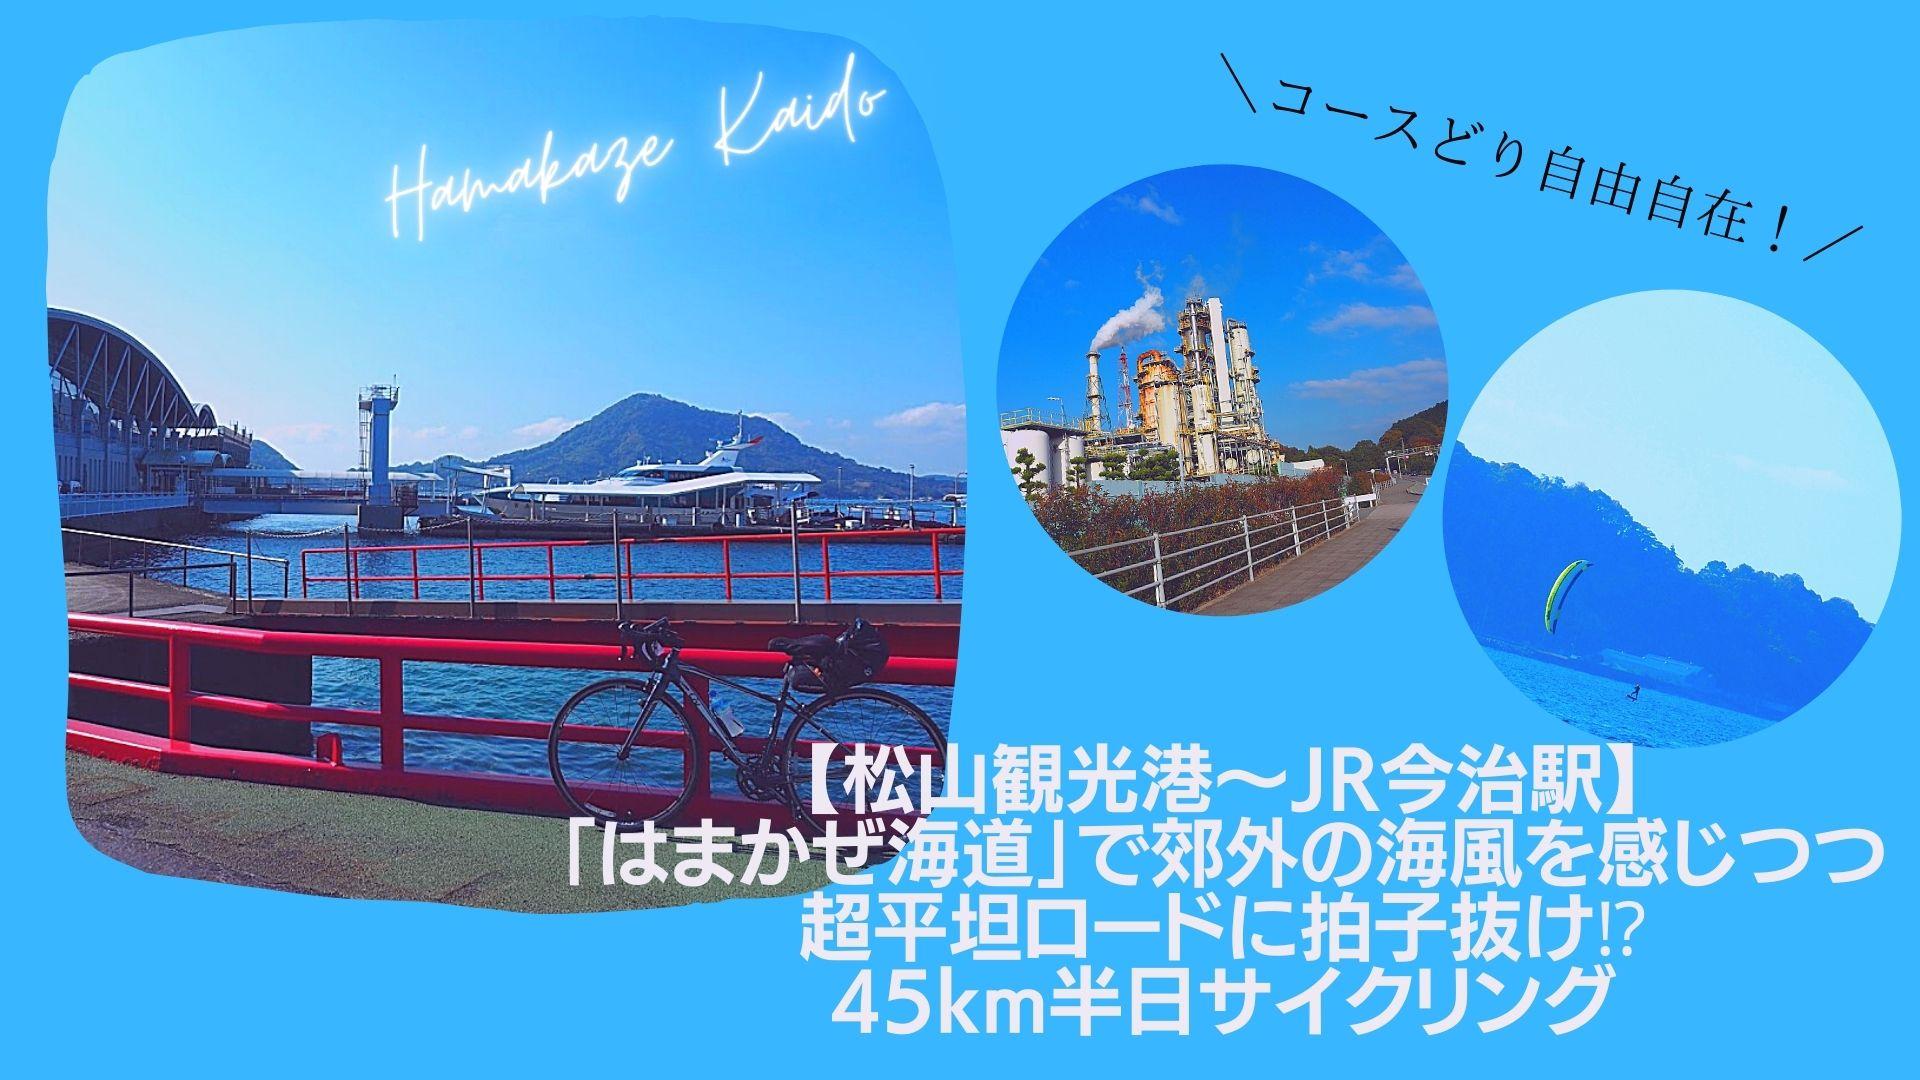 【松山観光港〜JR今治駅】 「はまかぜ海道」で郊外の海風を感じつつ 超平坦ロードに拍子抜け⁉️ 45km半日サイクリング